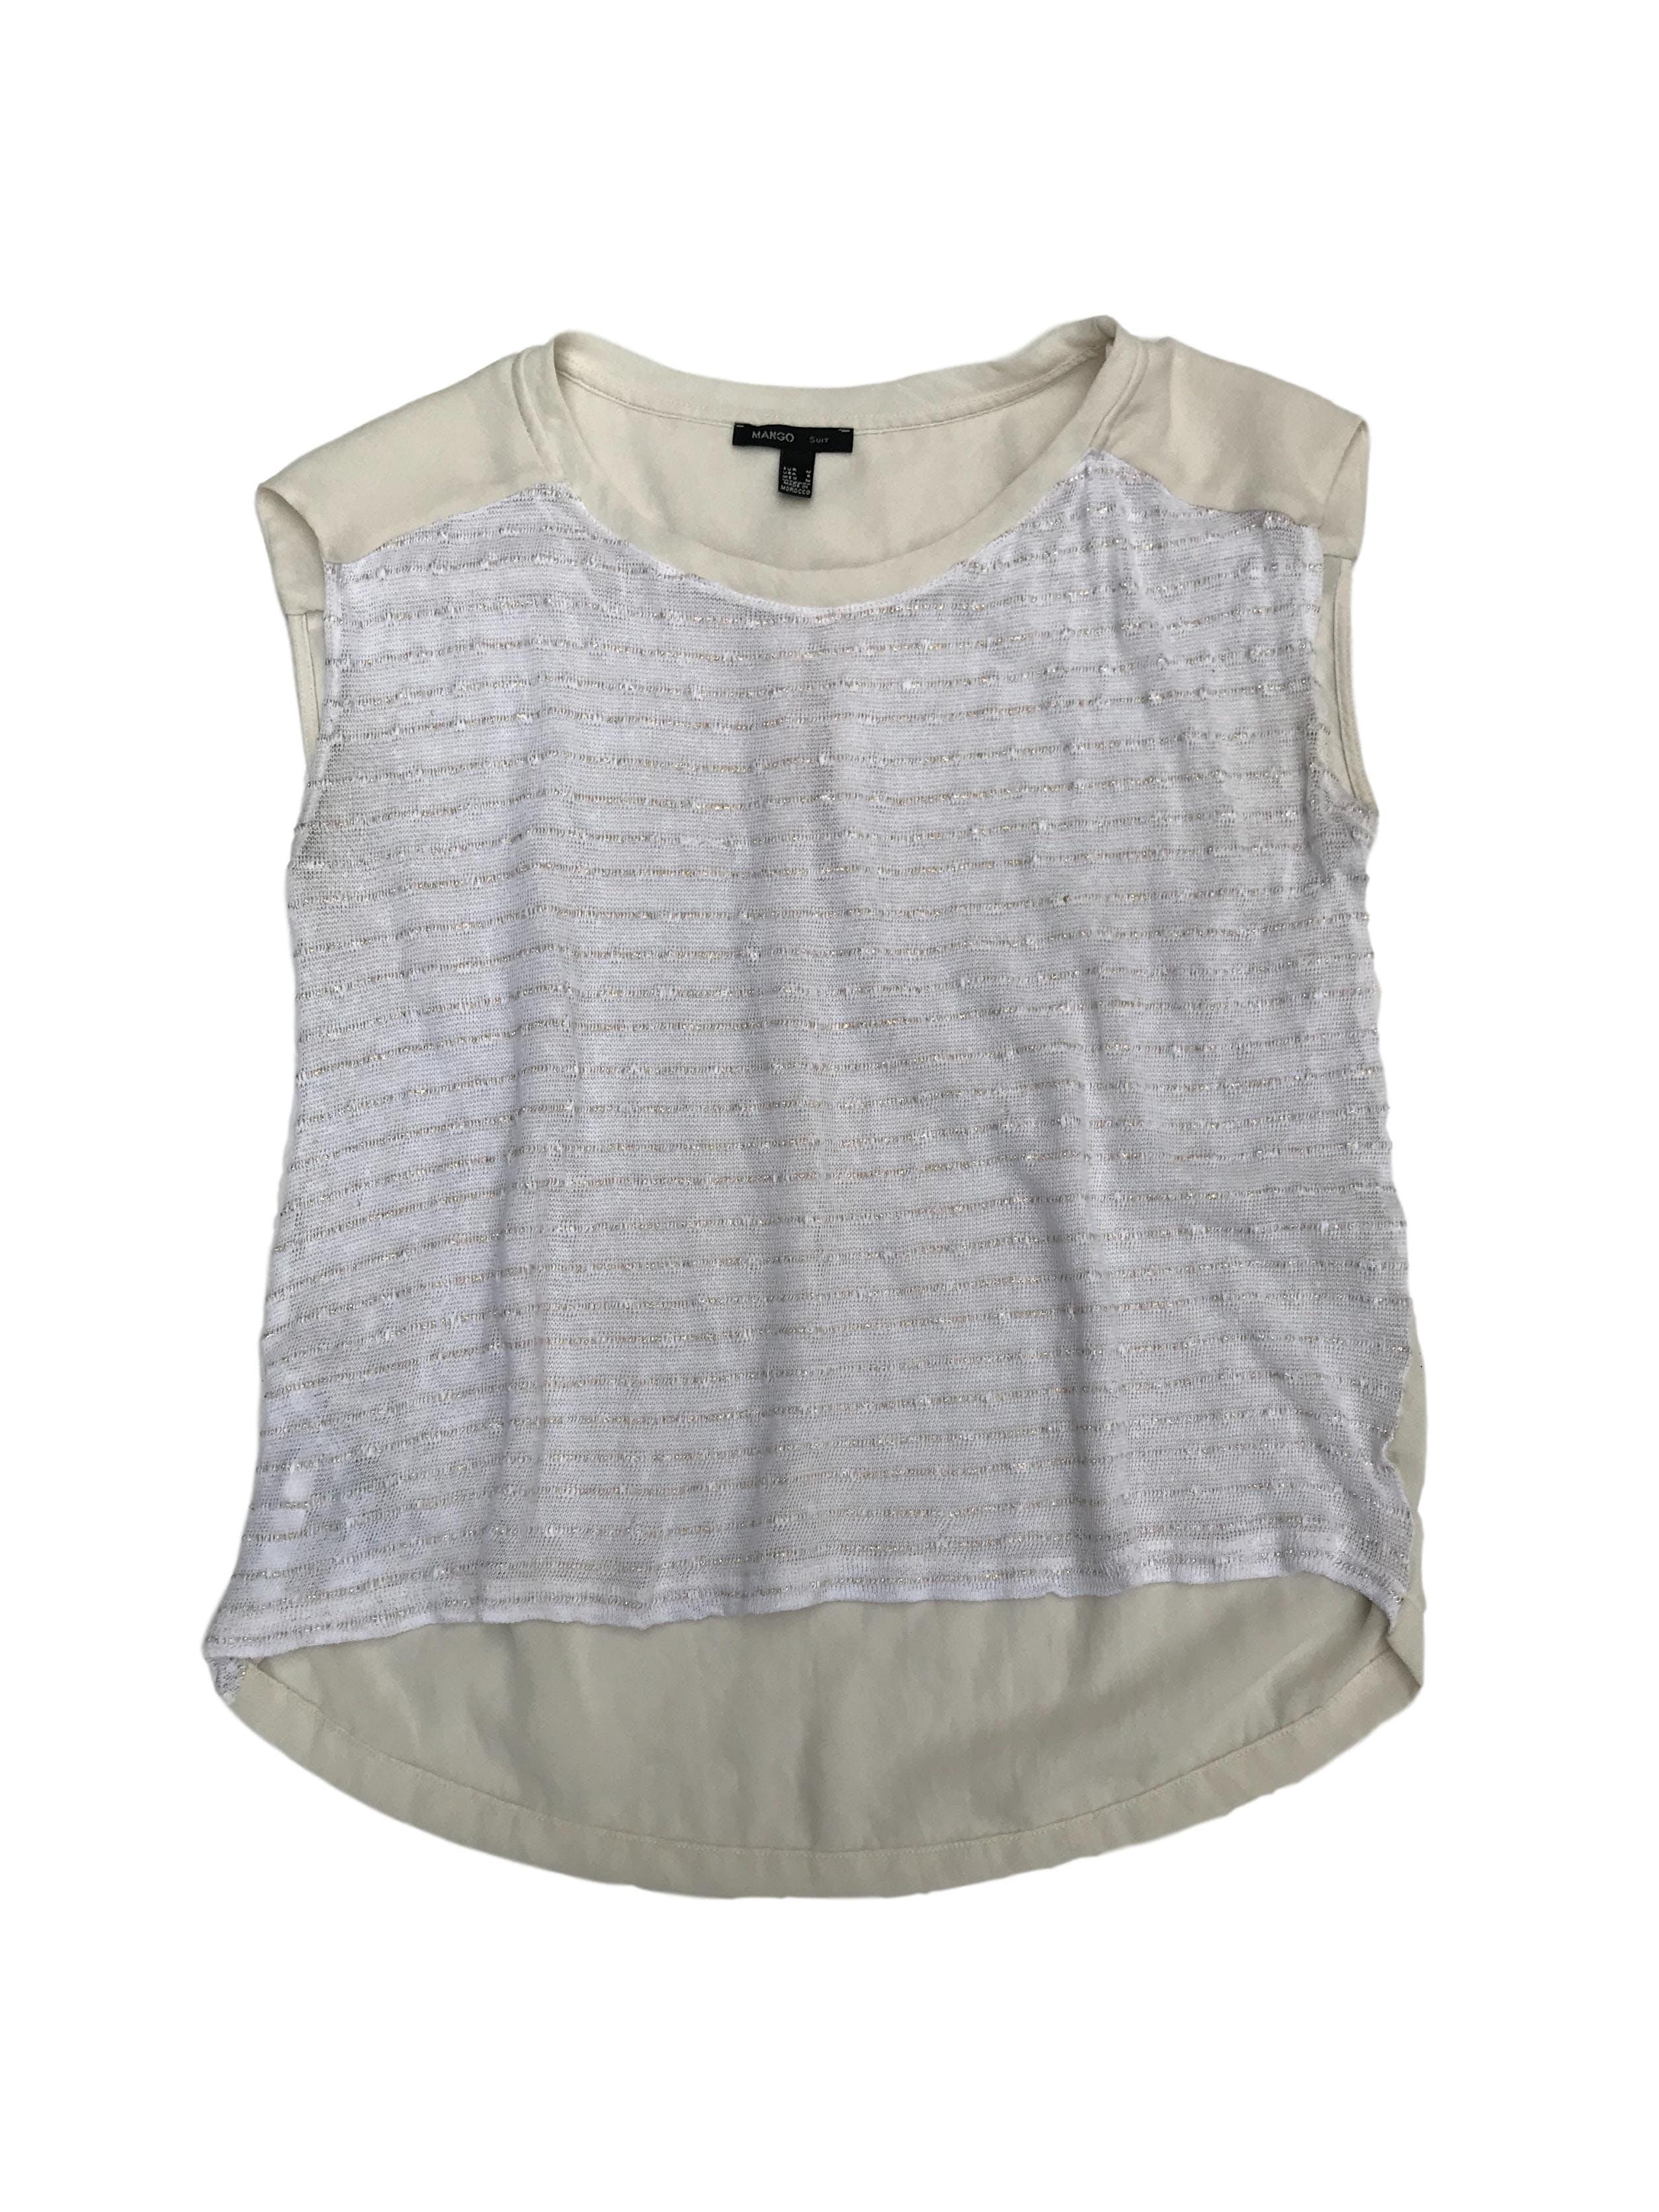 Blusa Mango crema de gasa con canesú y pliegue,con delantero tipo tejido, basta asimétrica